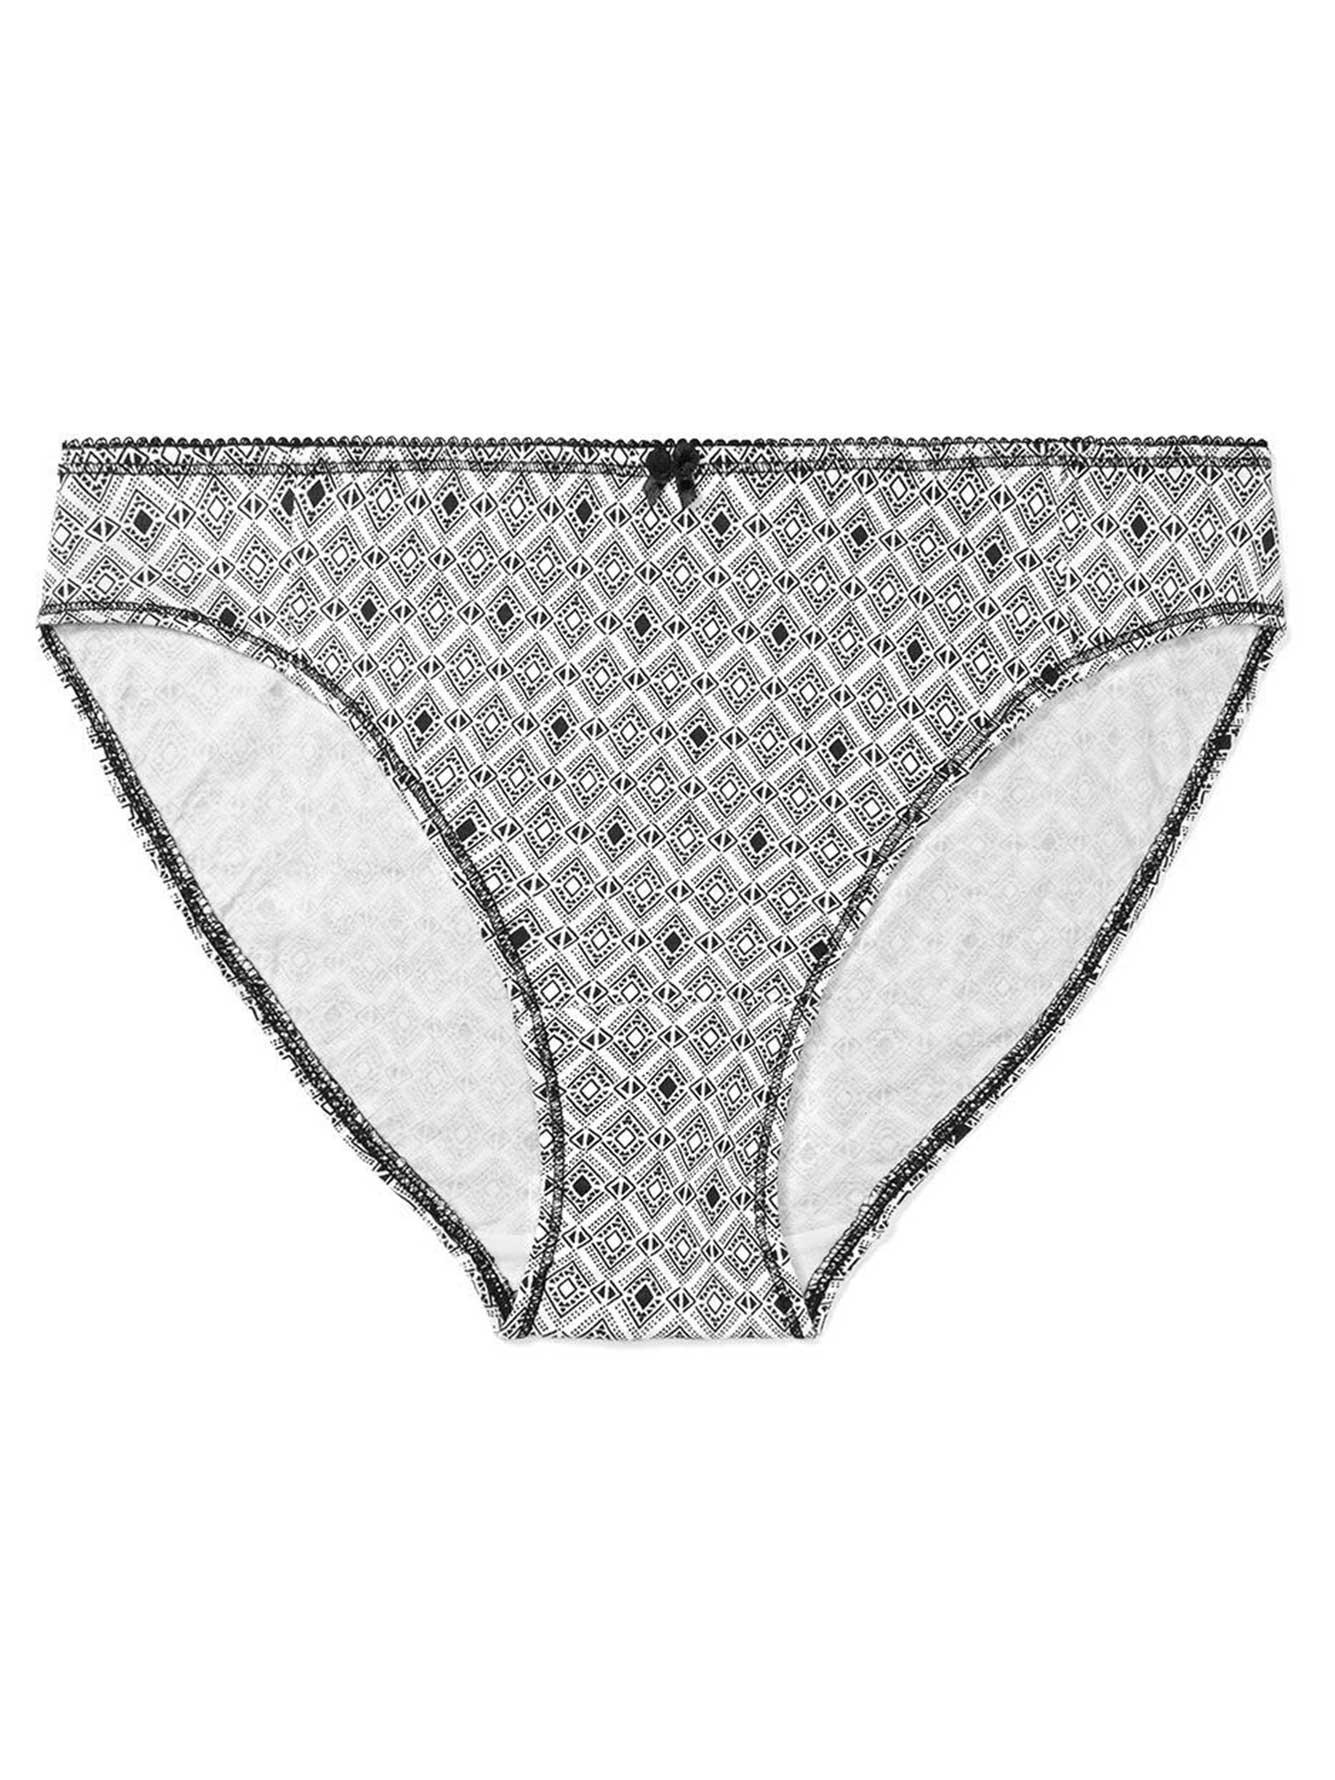 0b6bc2a494aa0 Ti Voglio Printed Cotton Bikini Panty